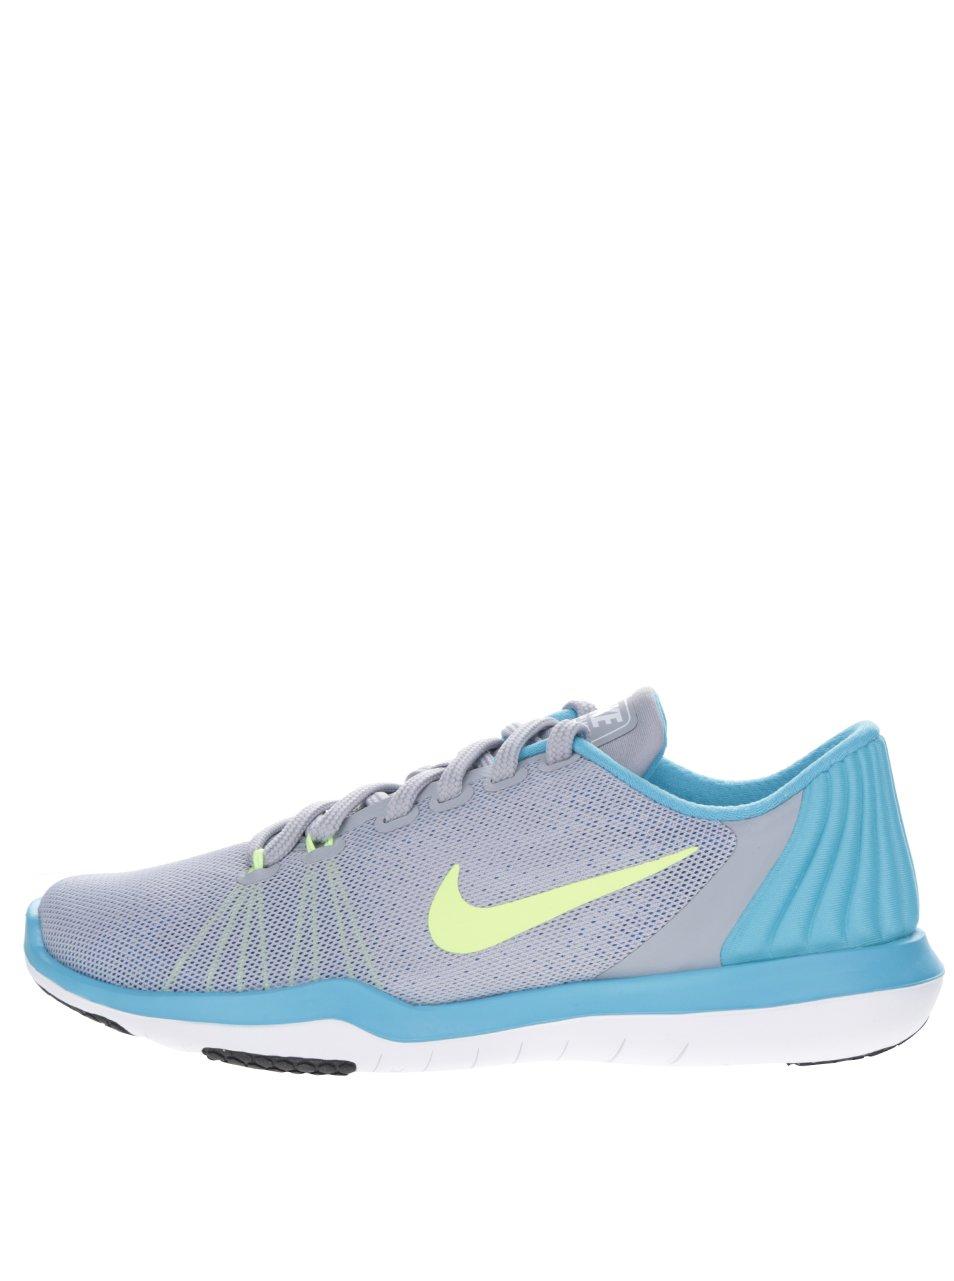 Modro-šedé dámské tenisky Nike Flex Supreme